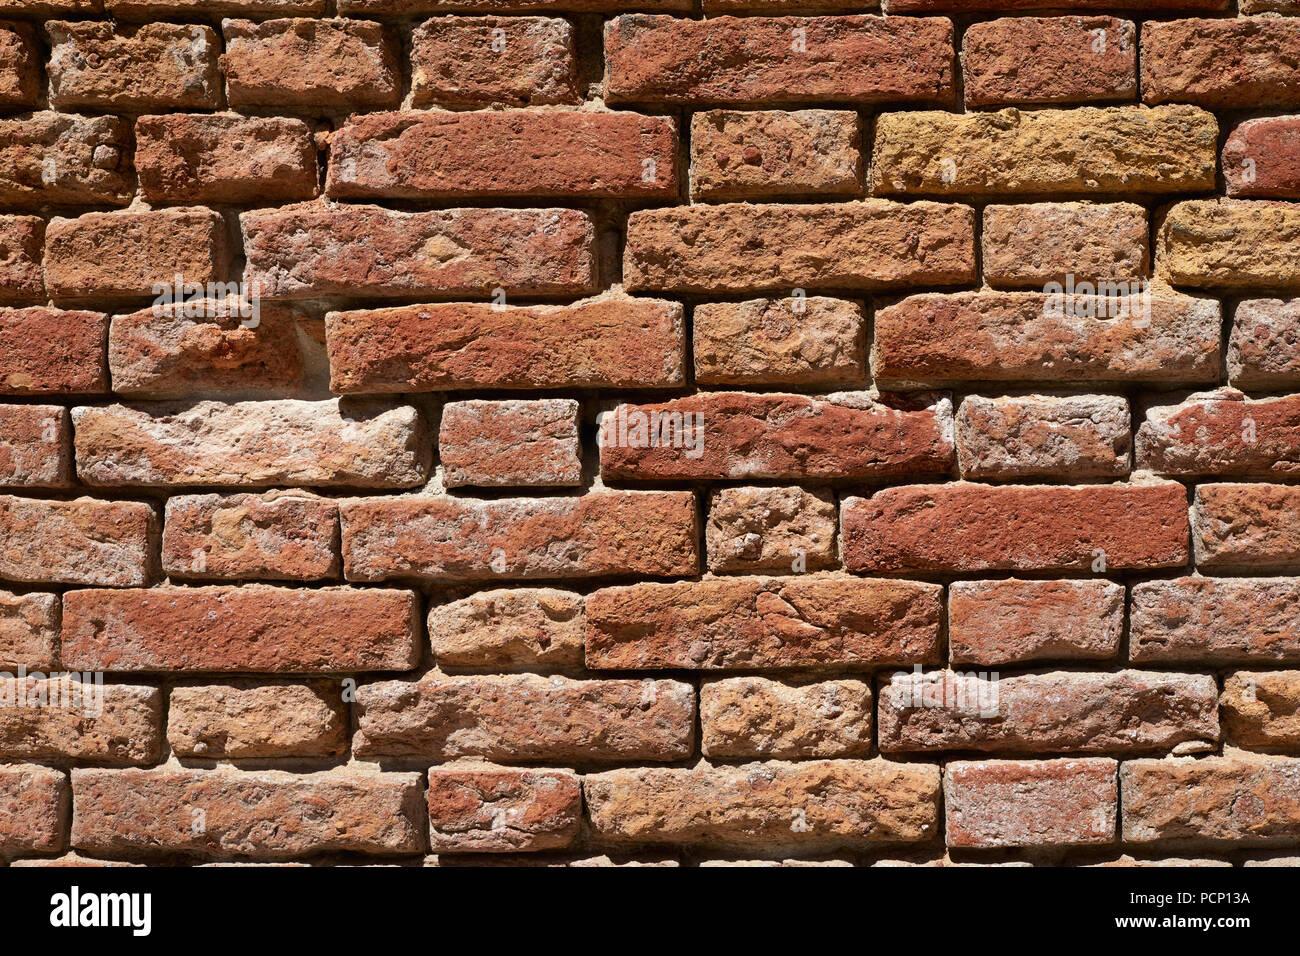 Rosso Antico Muro Di Mattoni Texture Di Sfondo La Luce Del Sole